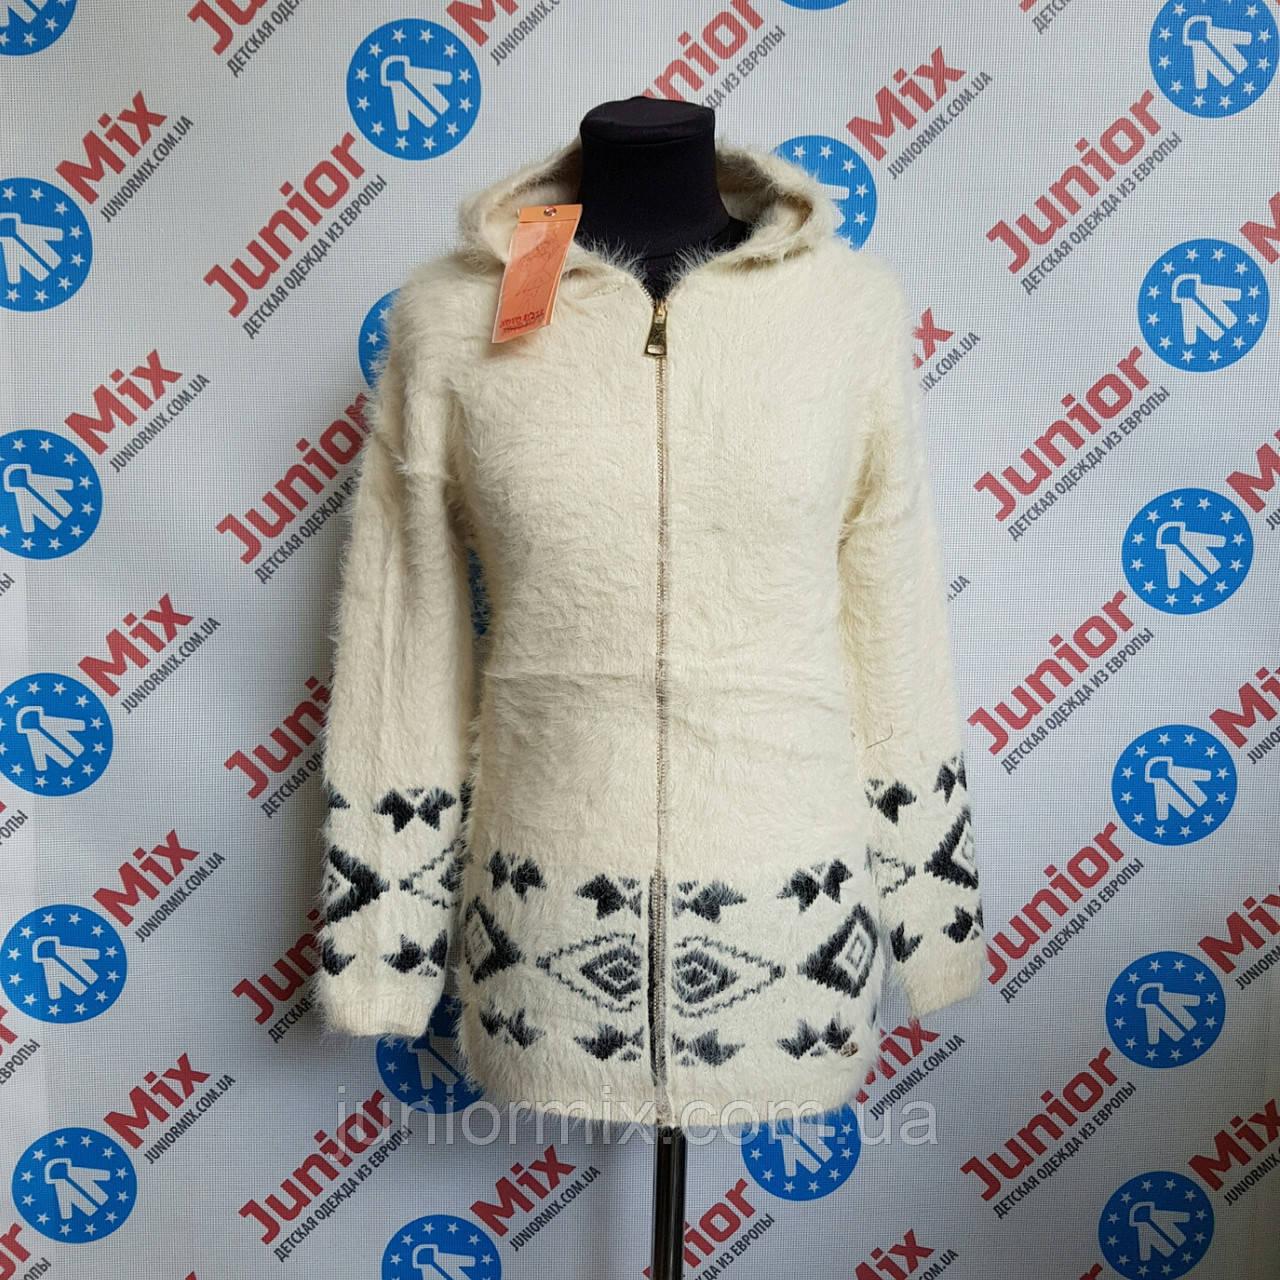 Кофта на молнии с капюшоном для девочки подростка Novo Style.ИТАЛИЯ.